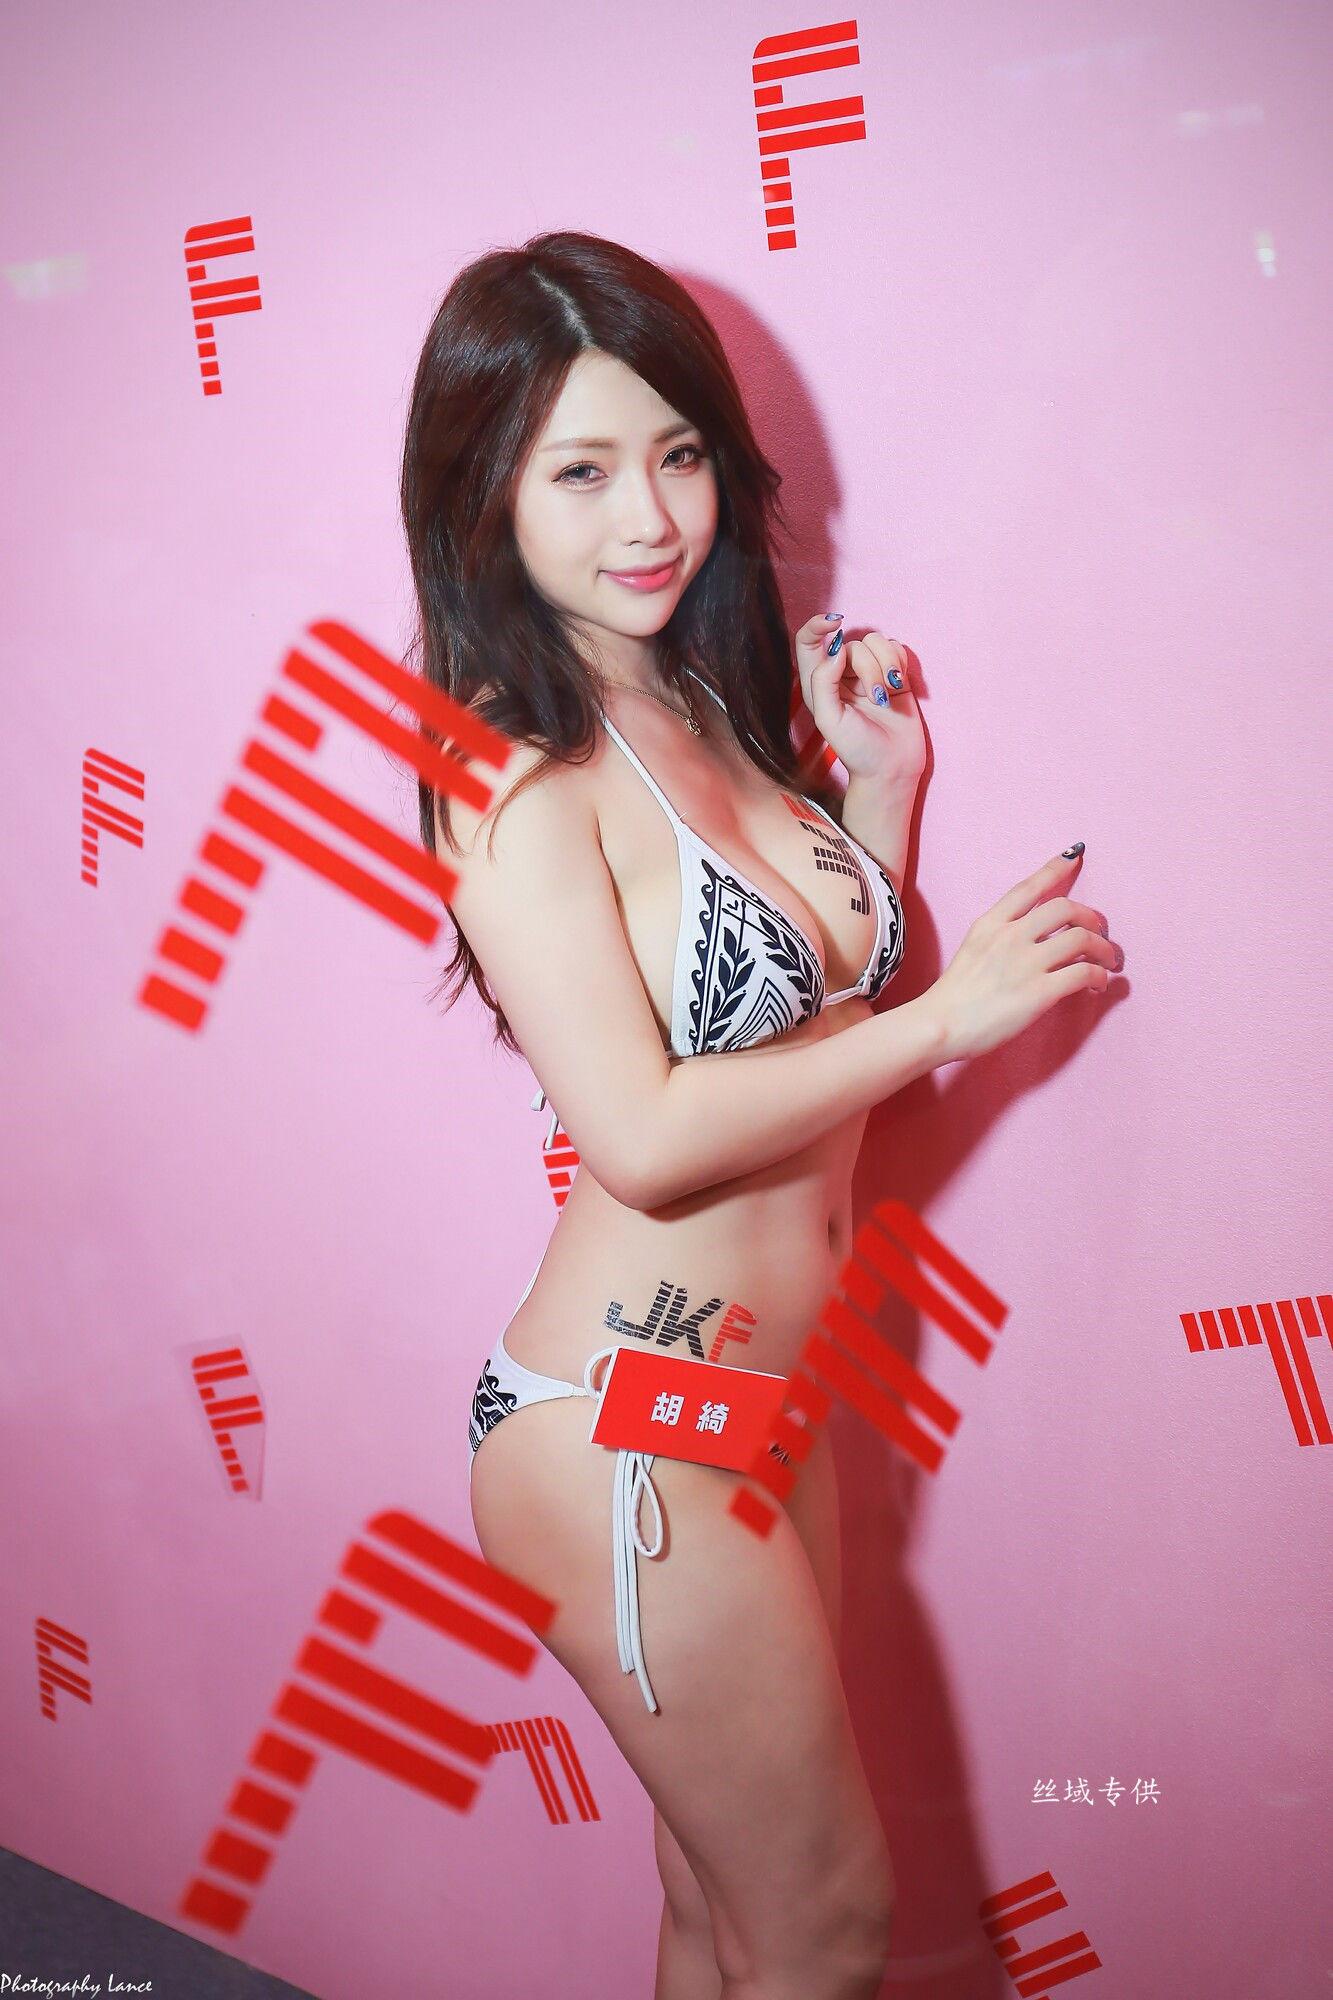 VOL.234 [台湾正妹]Show Girl:展台美女超高清个人性感漂亮大图(77P)